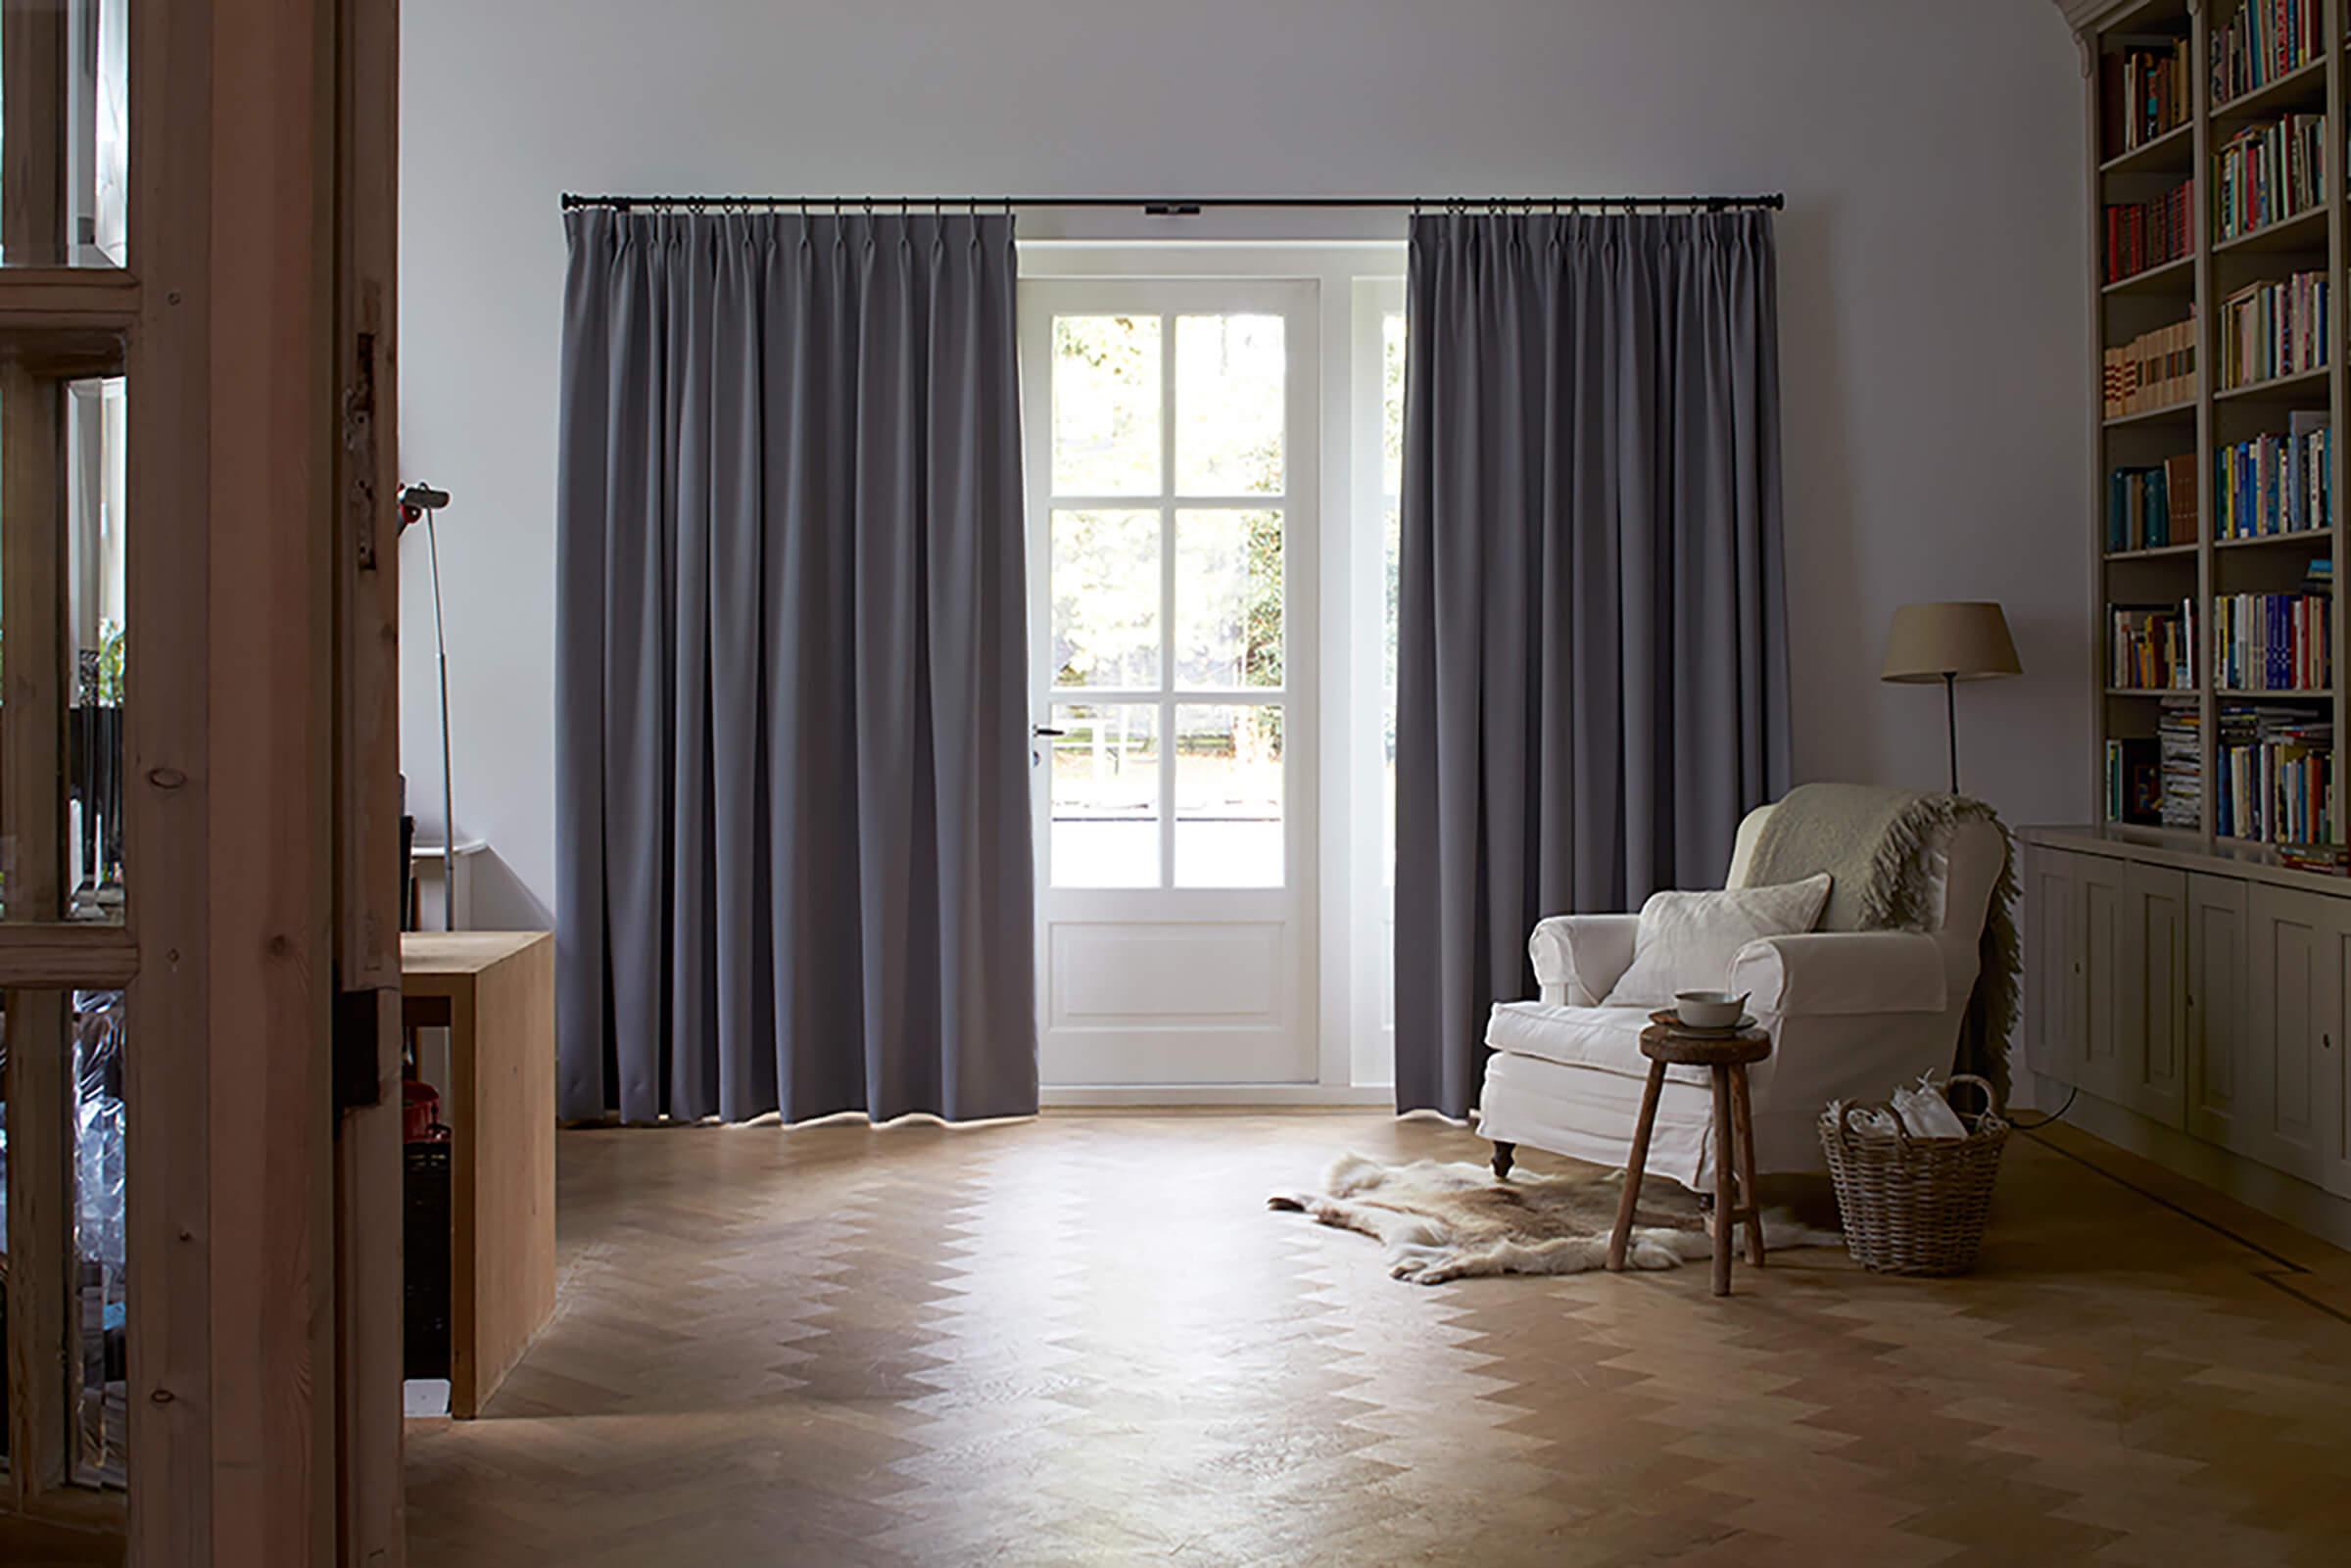 Schallschutzvorhang Farbe Grau im Wohnzimmer